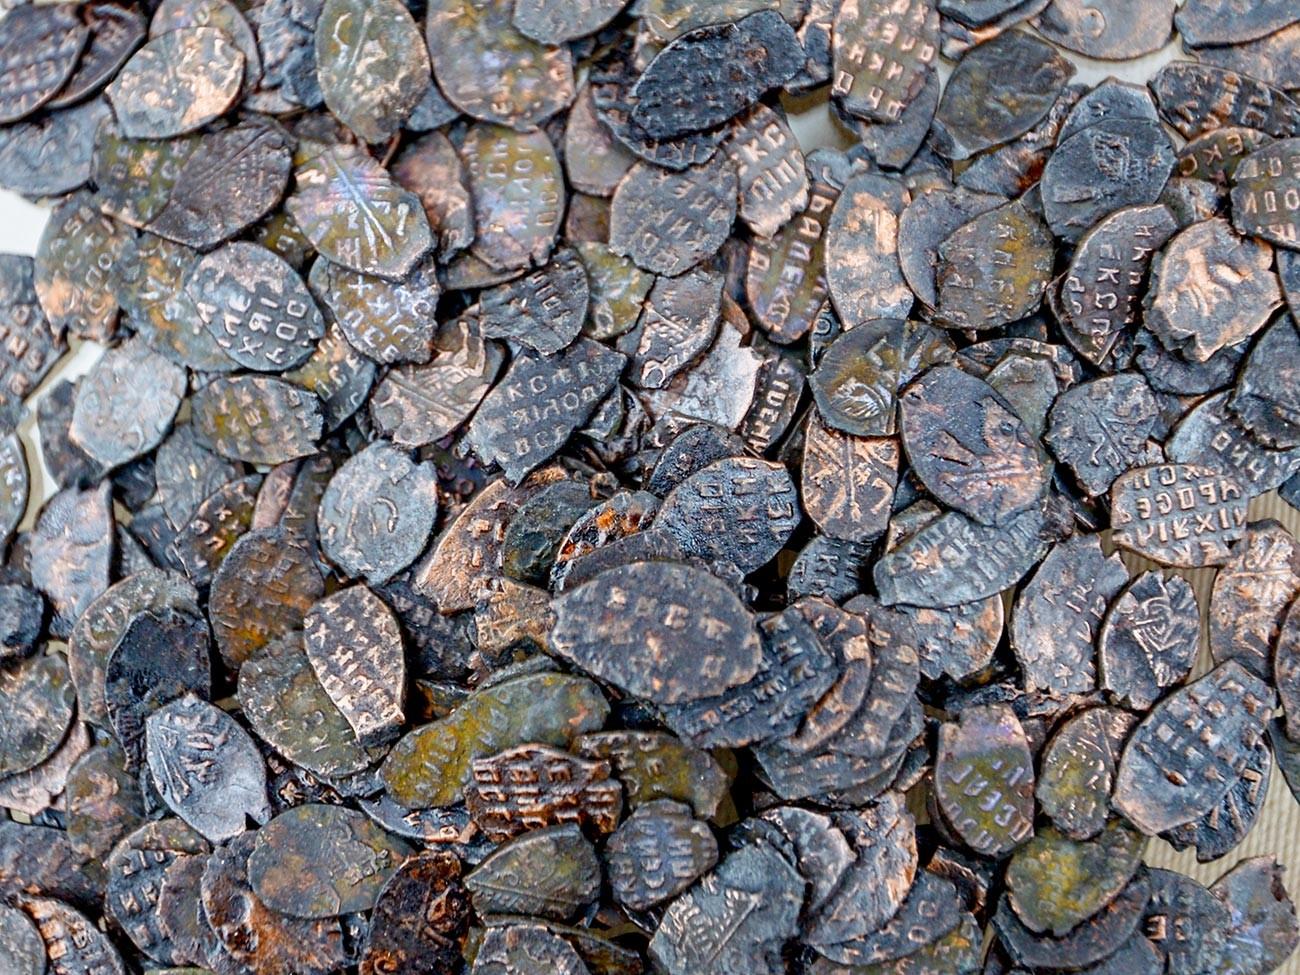 Pièces de monnaie de l'époque de l'émeute du cuivre (XVIIe siècle) découvertes à Moscou